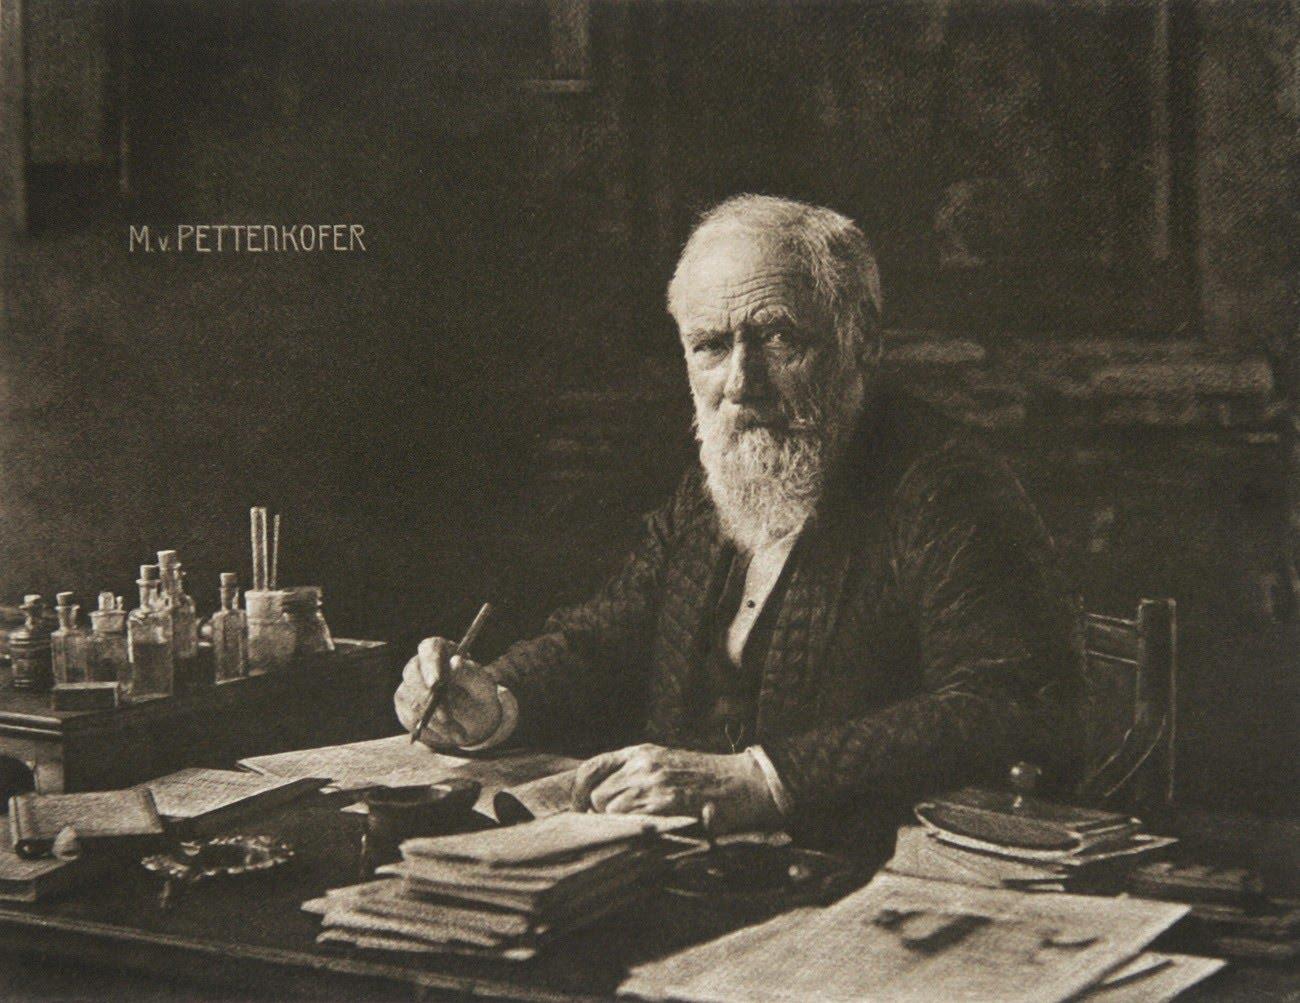 Немецкий ученый Макс фон Петтенкофер